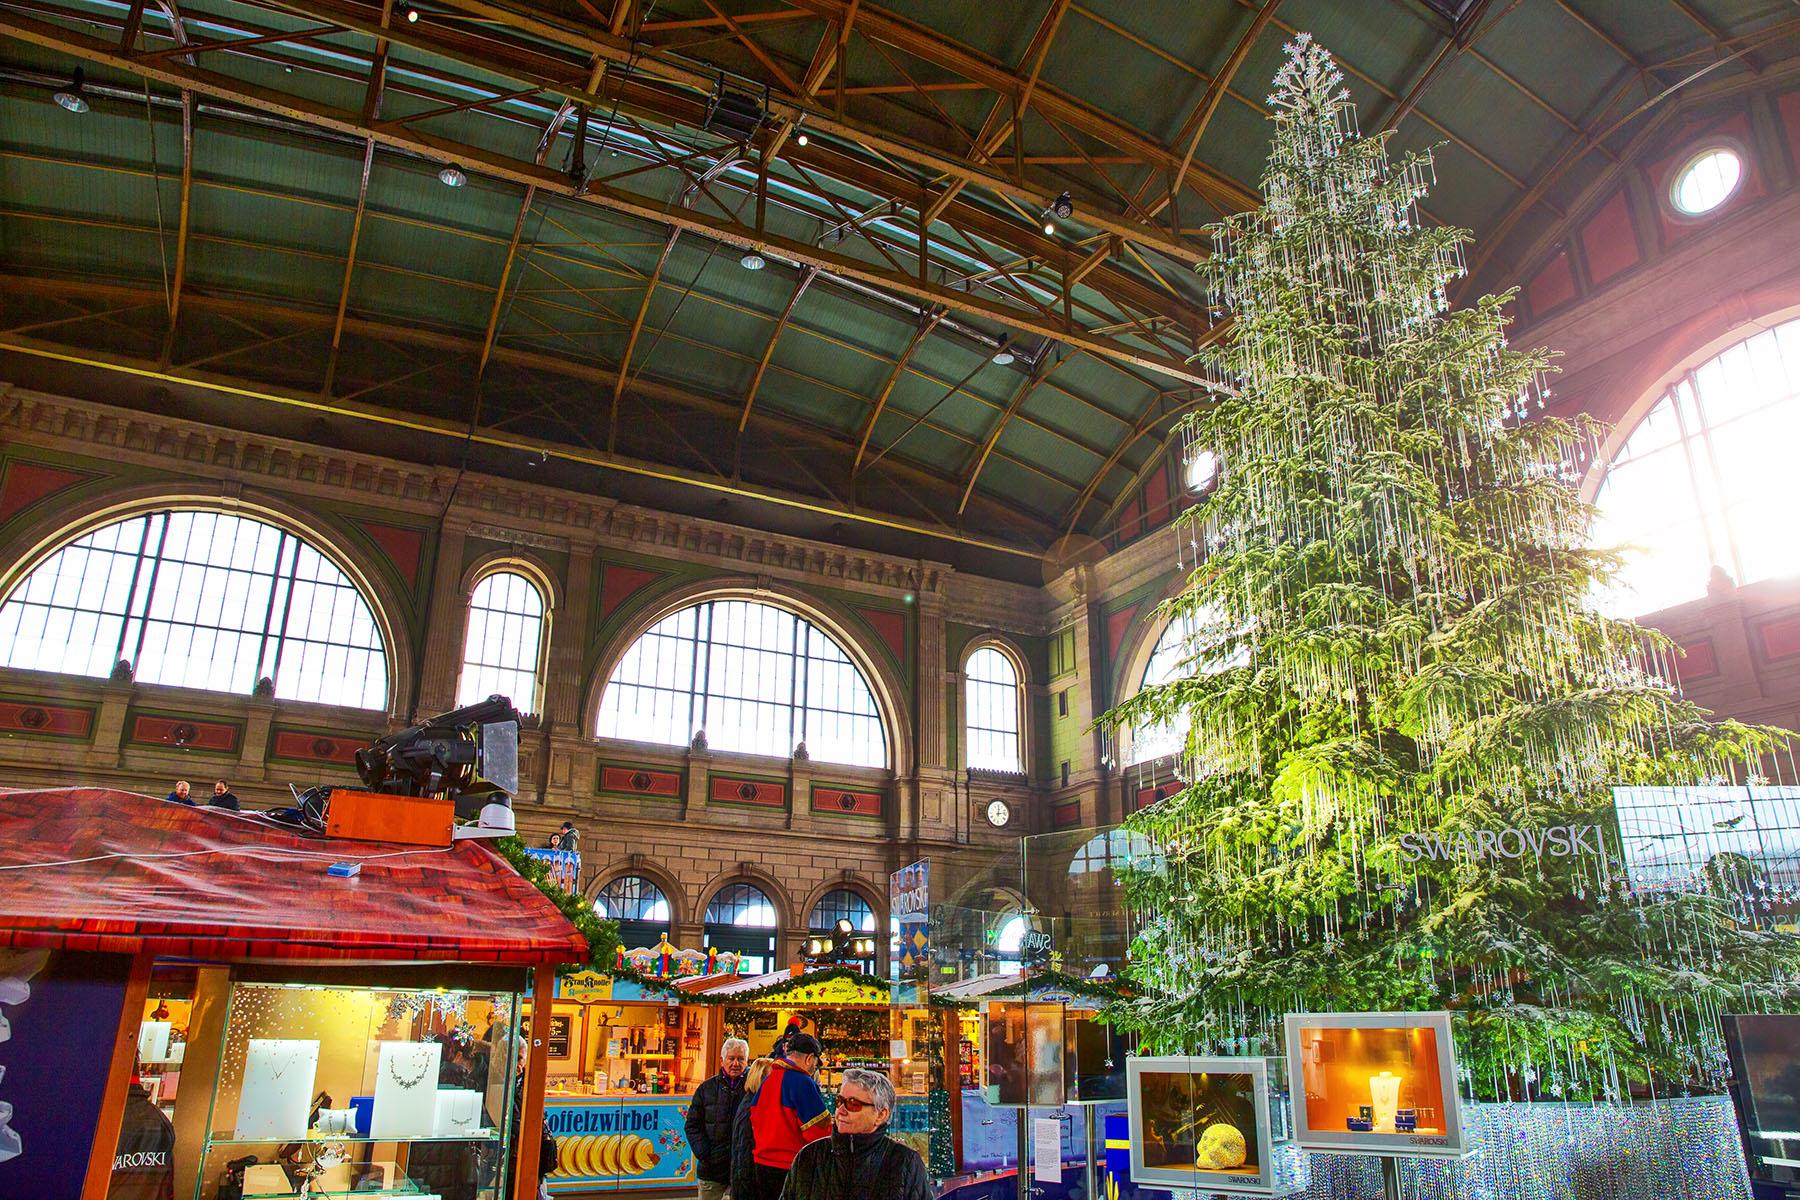 An indoor Christmas market in Zürich